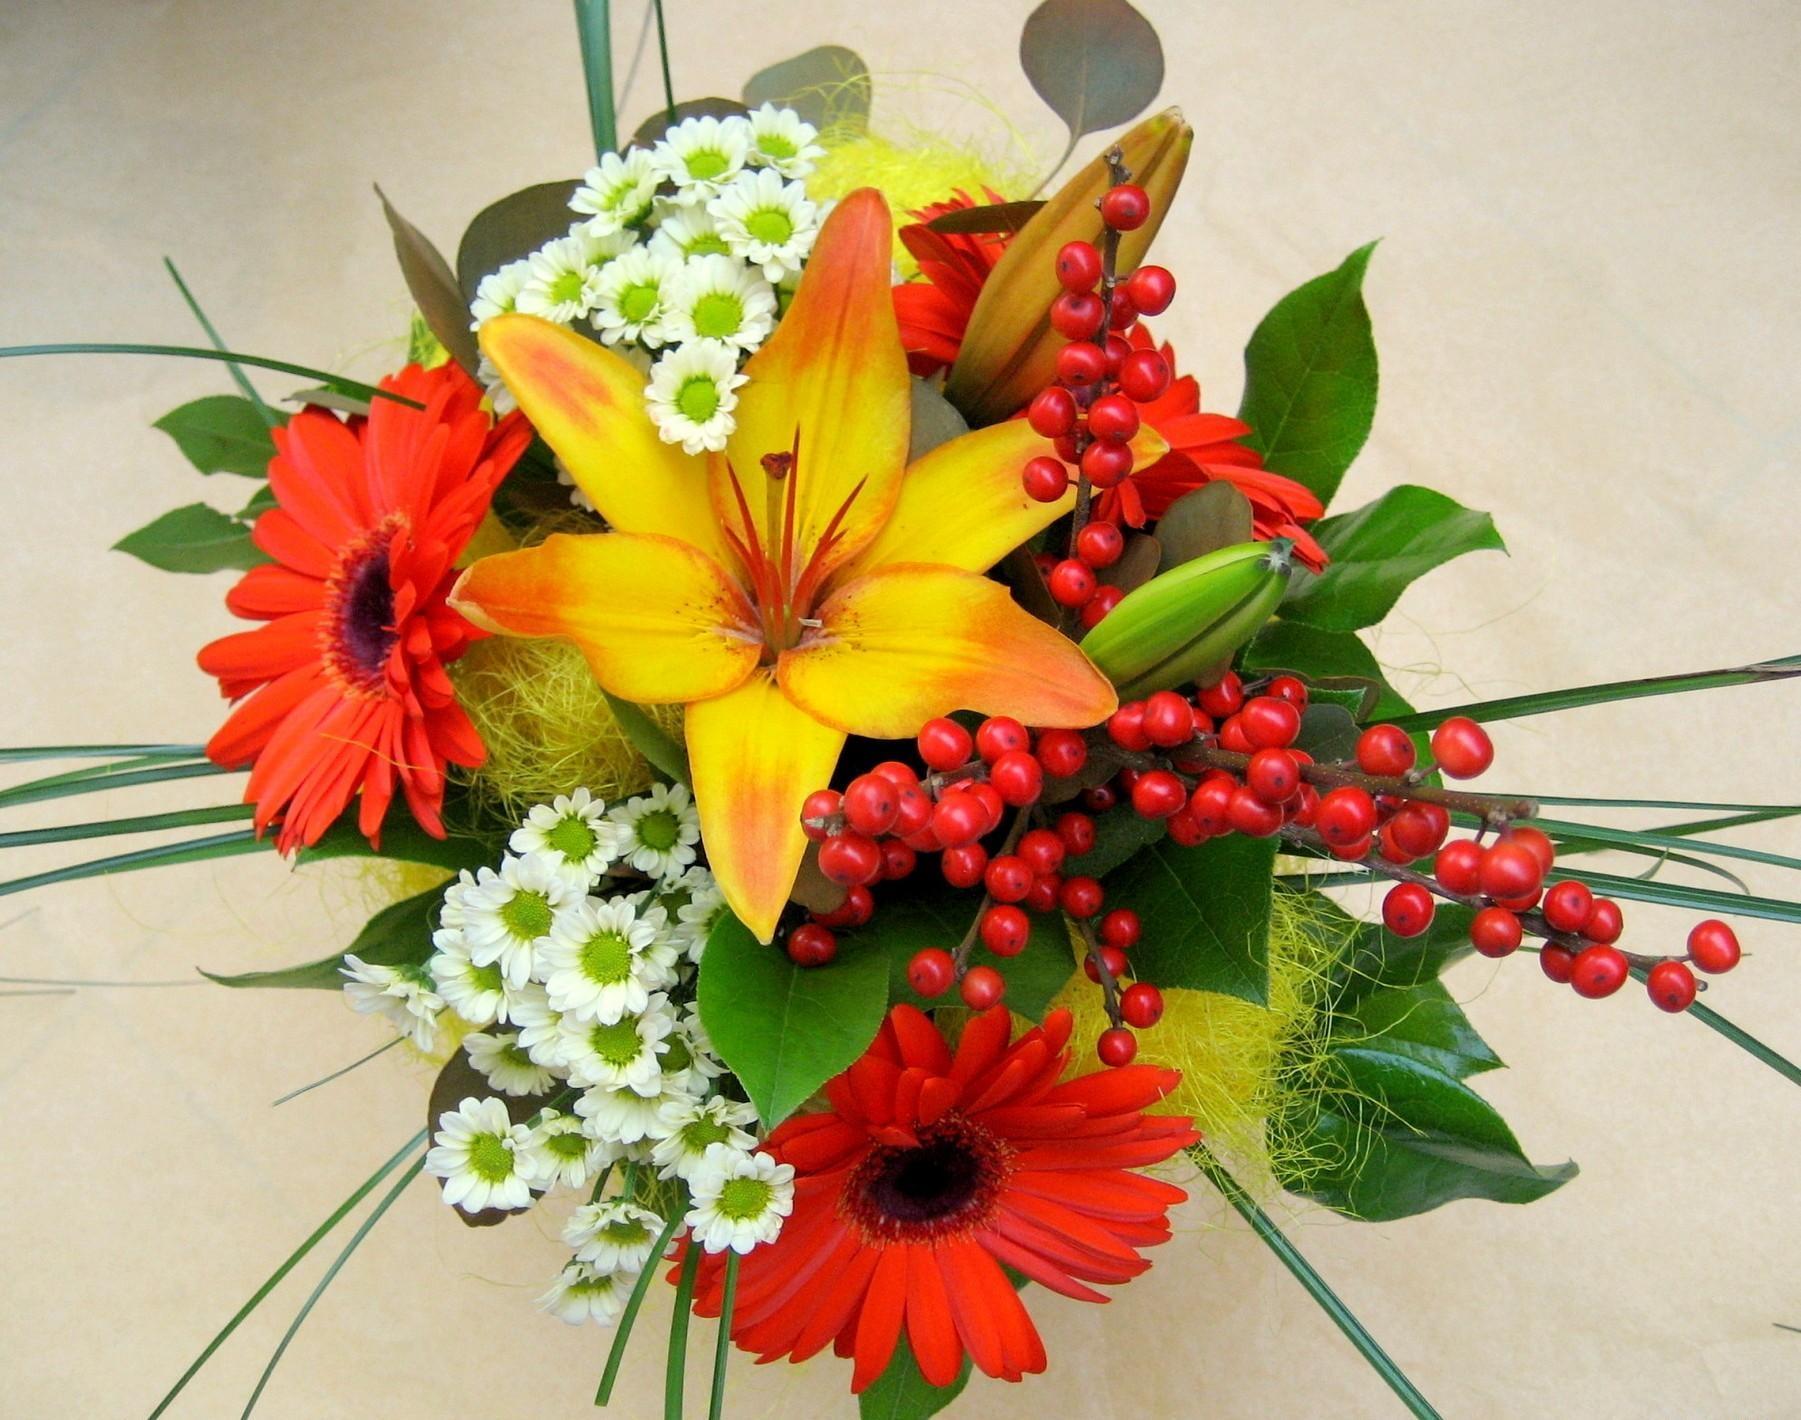 62082 скачать обои Цветы, Лилии, Листья, Букет, Хризантемы, Герберы - заставки и картинки бесплатно